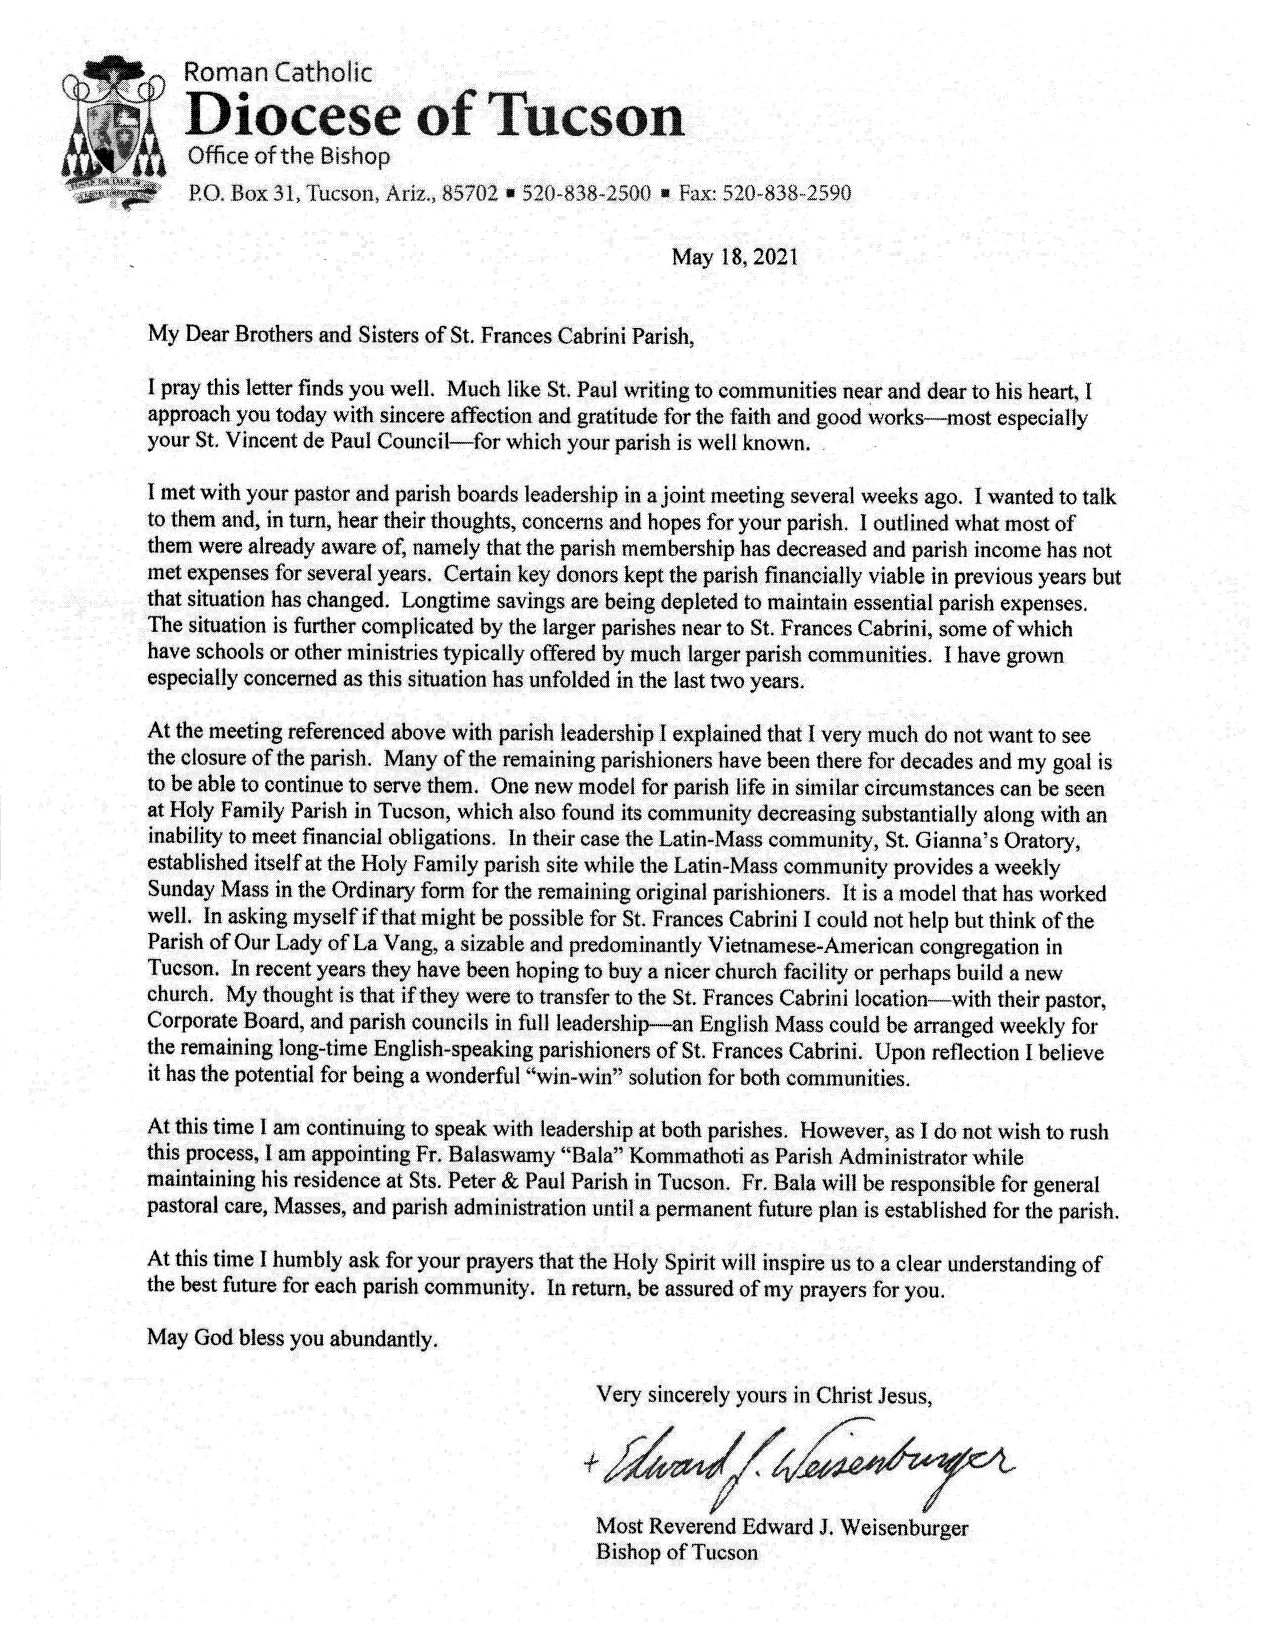 Bishop's letter